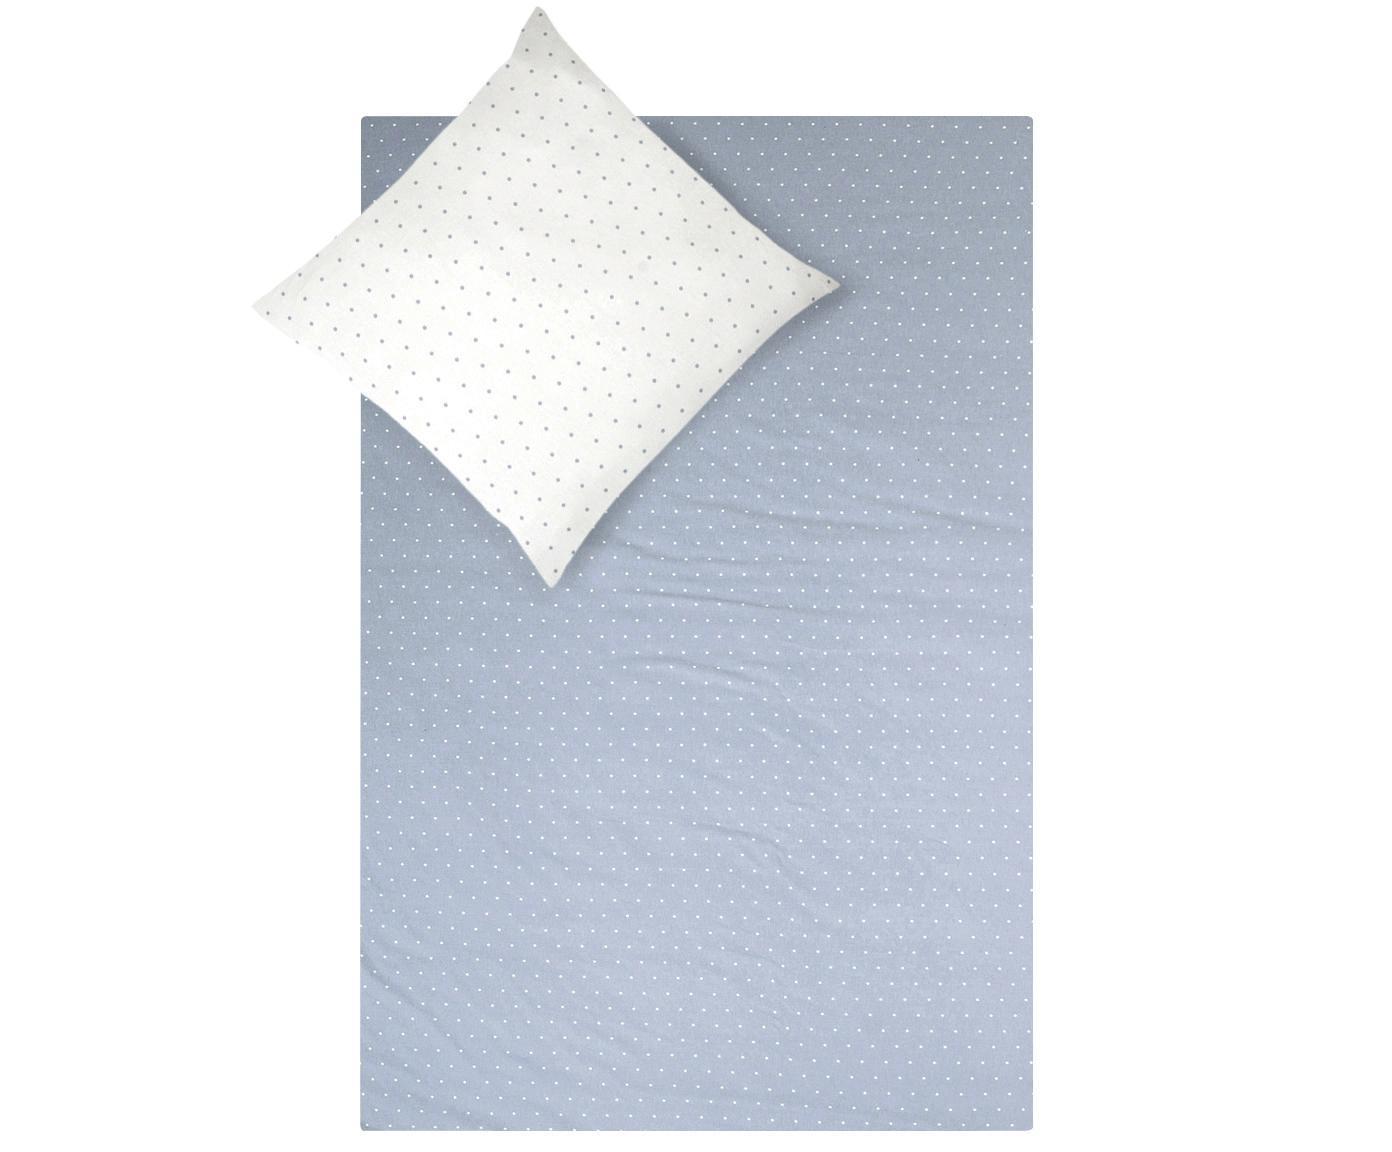 Flanell-Wendebettwäsche Betty, gepunktet, Webart: Flanell Flanell ist ein s, Hellblau, Weiss, 135 x 200 cm + 1 Kissen 80 x 80 cm